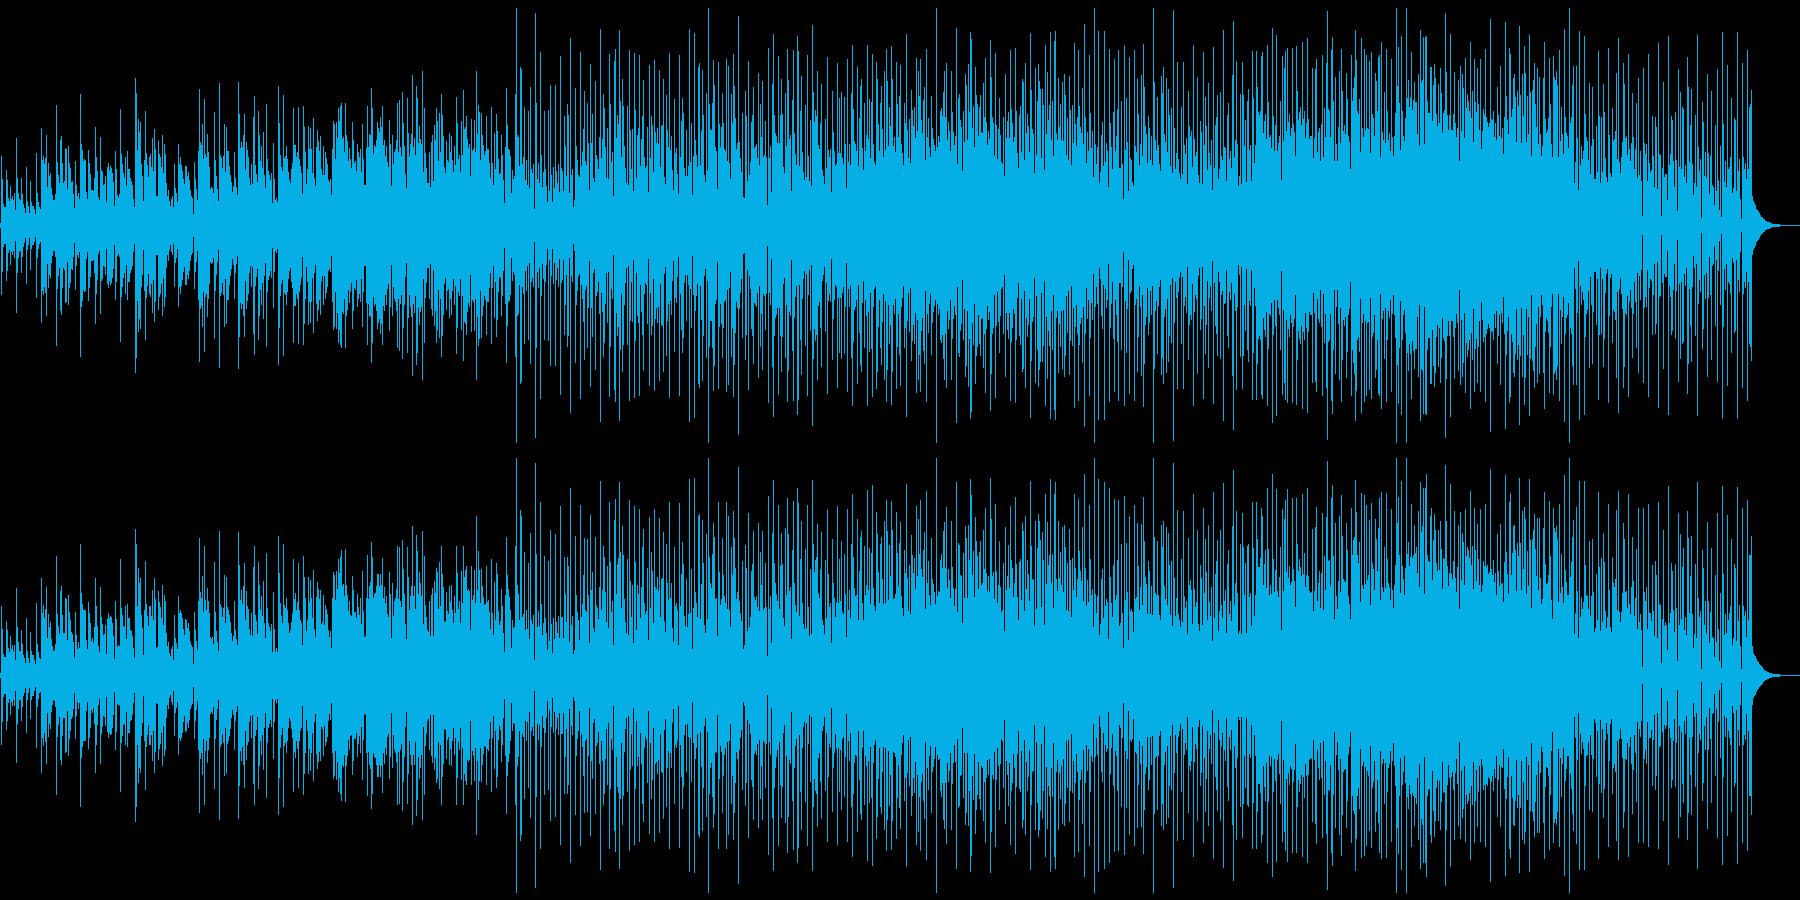 青春映画・アニメの主題歌風-ラブソングの再生済みの波形